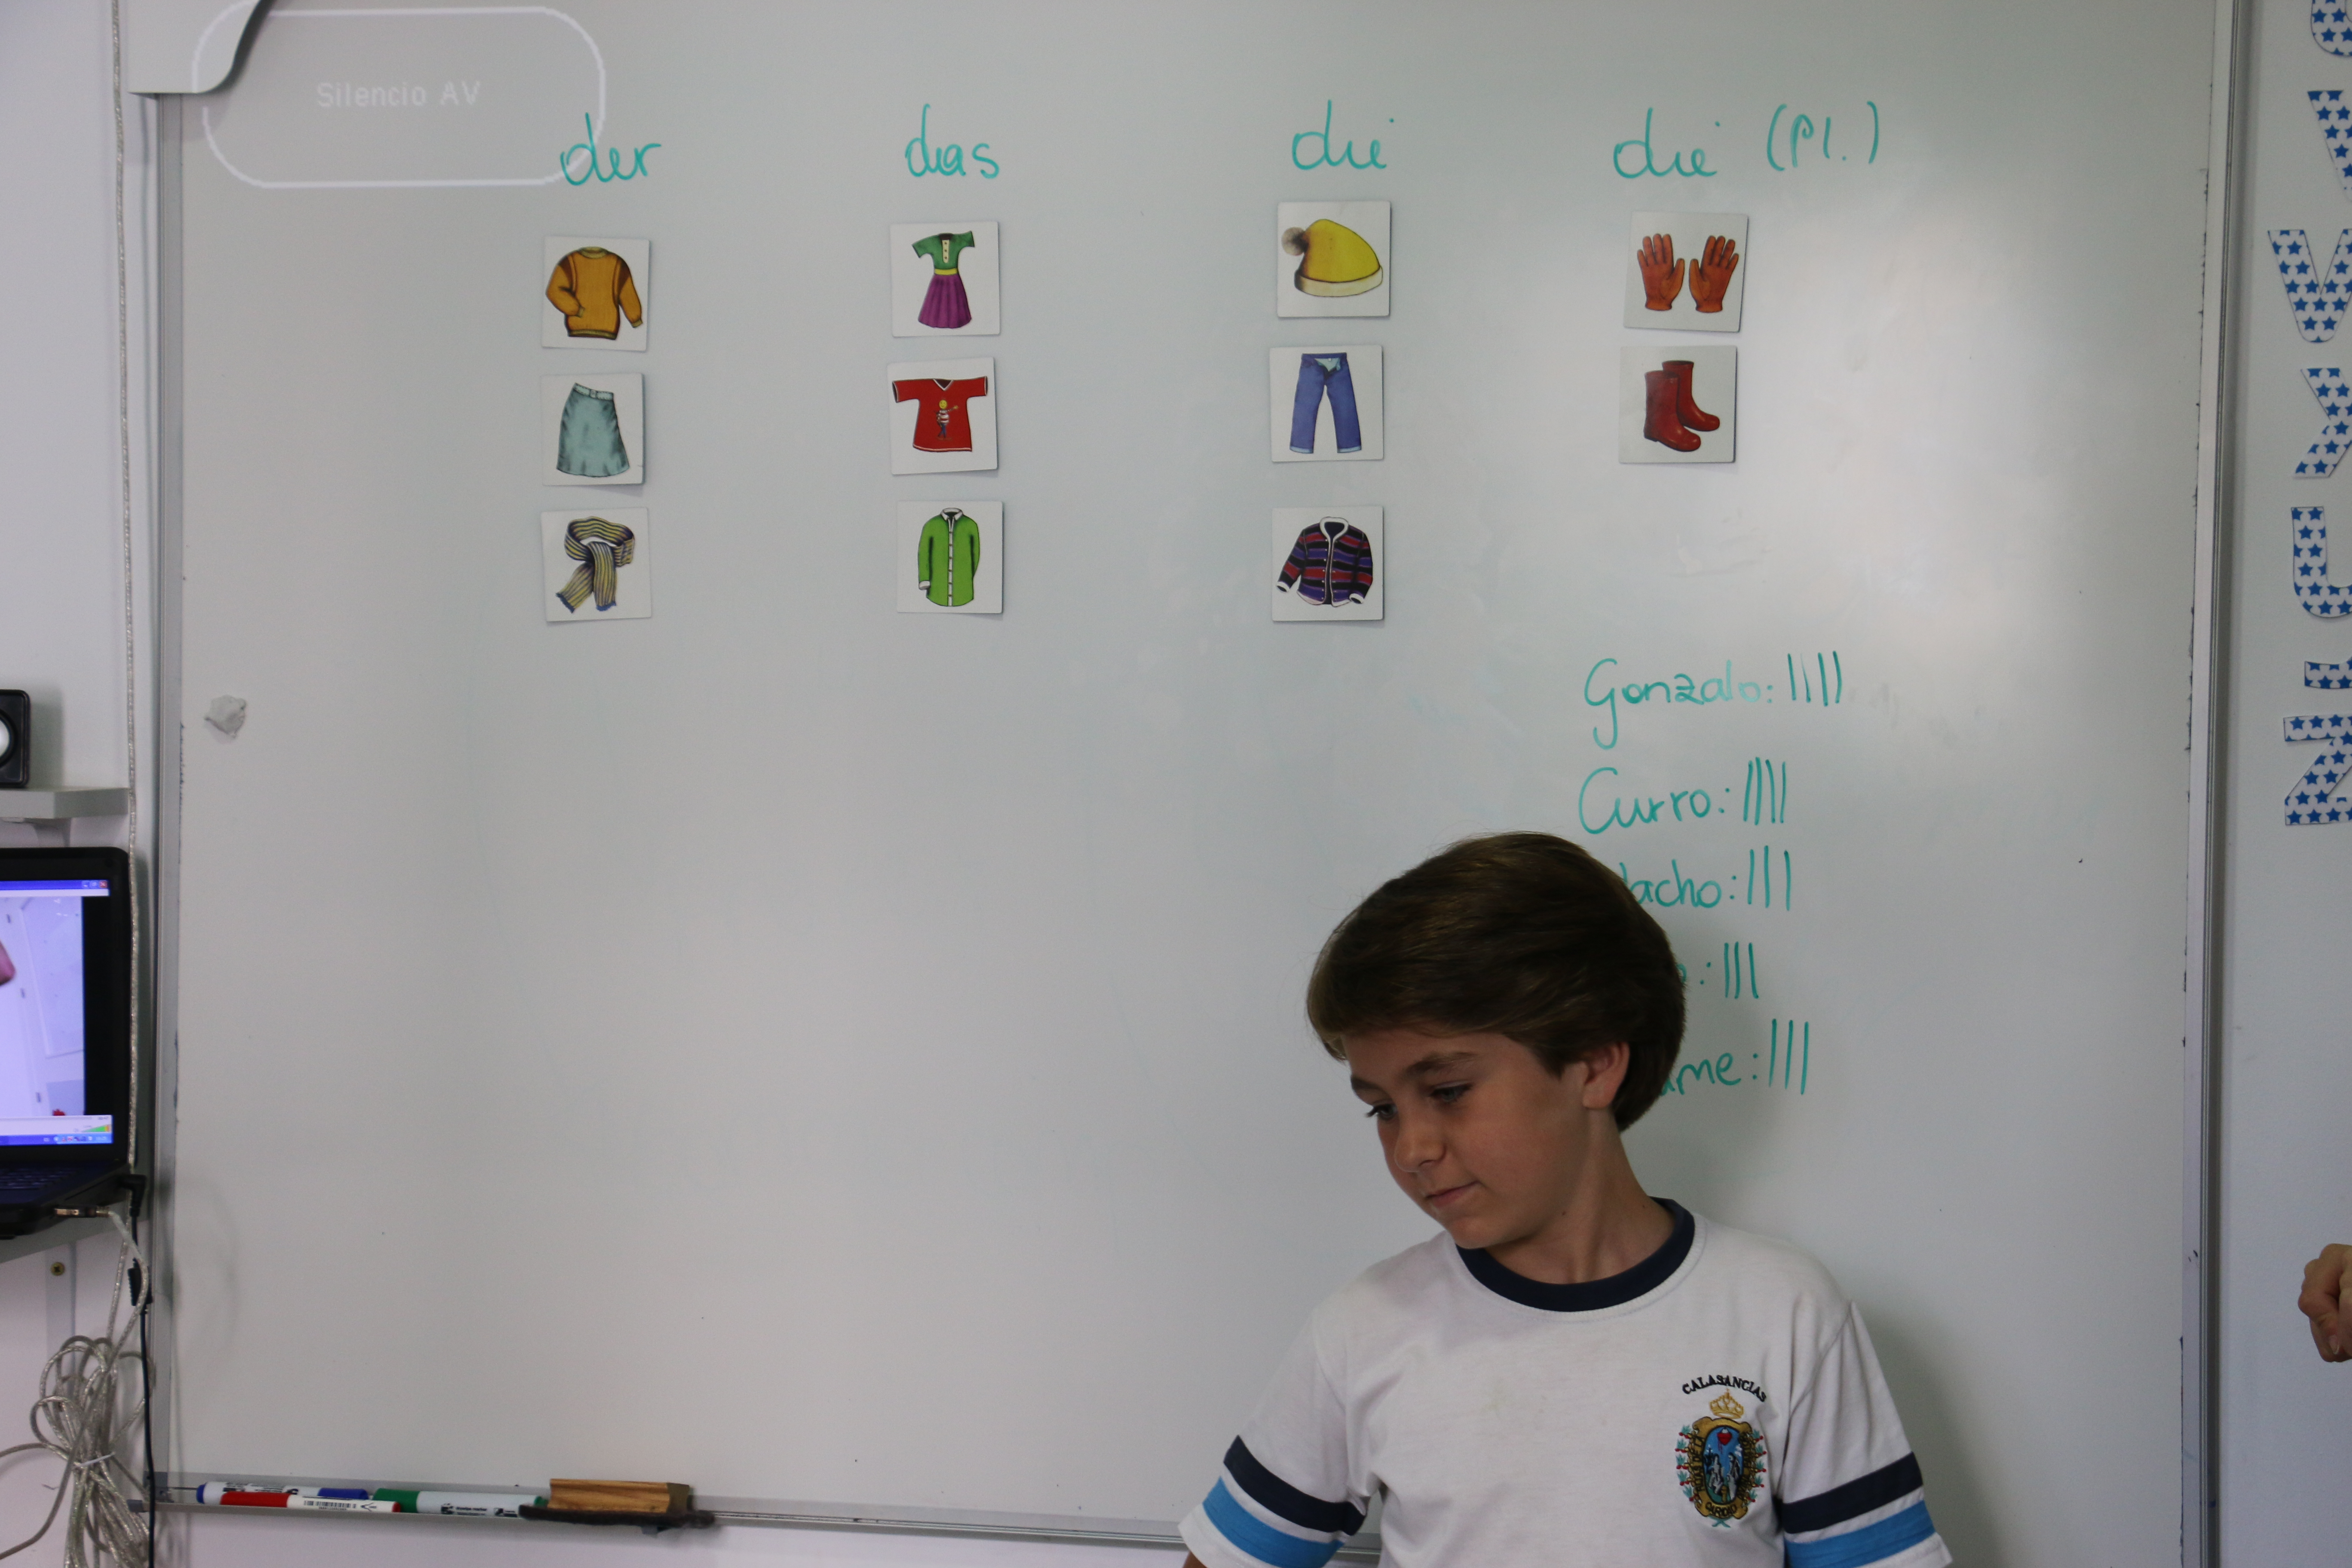 Cursos de alemán niños y jóvenes